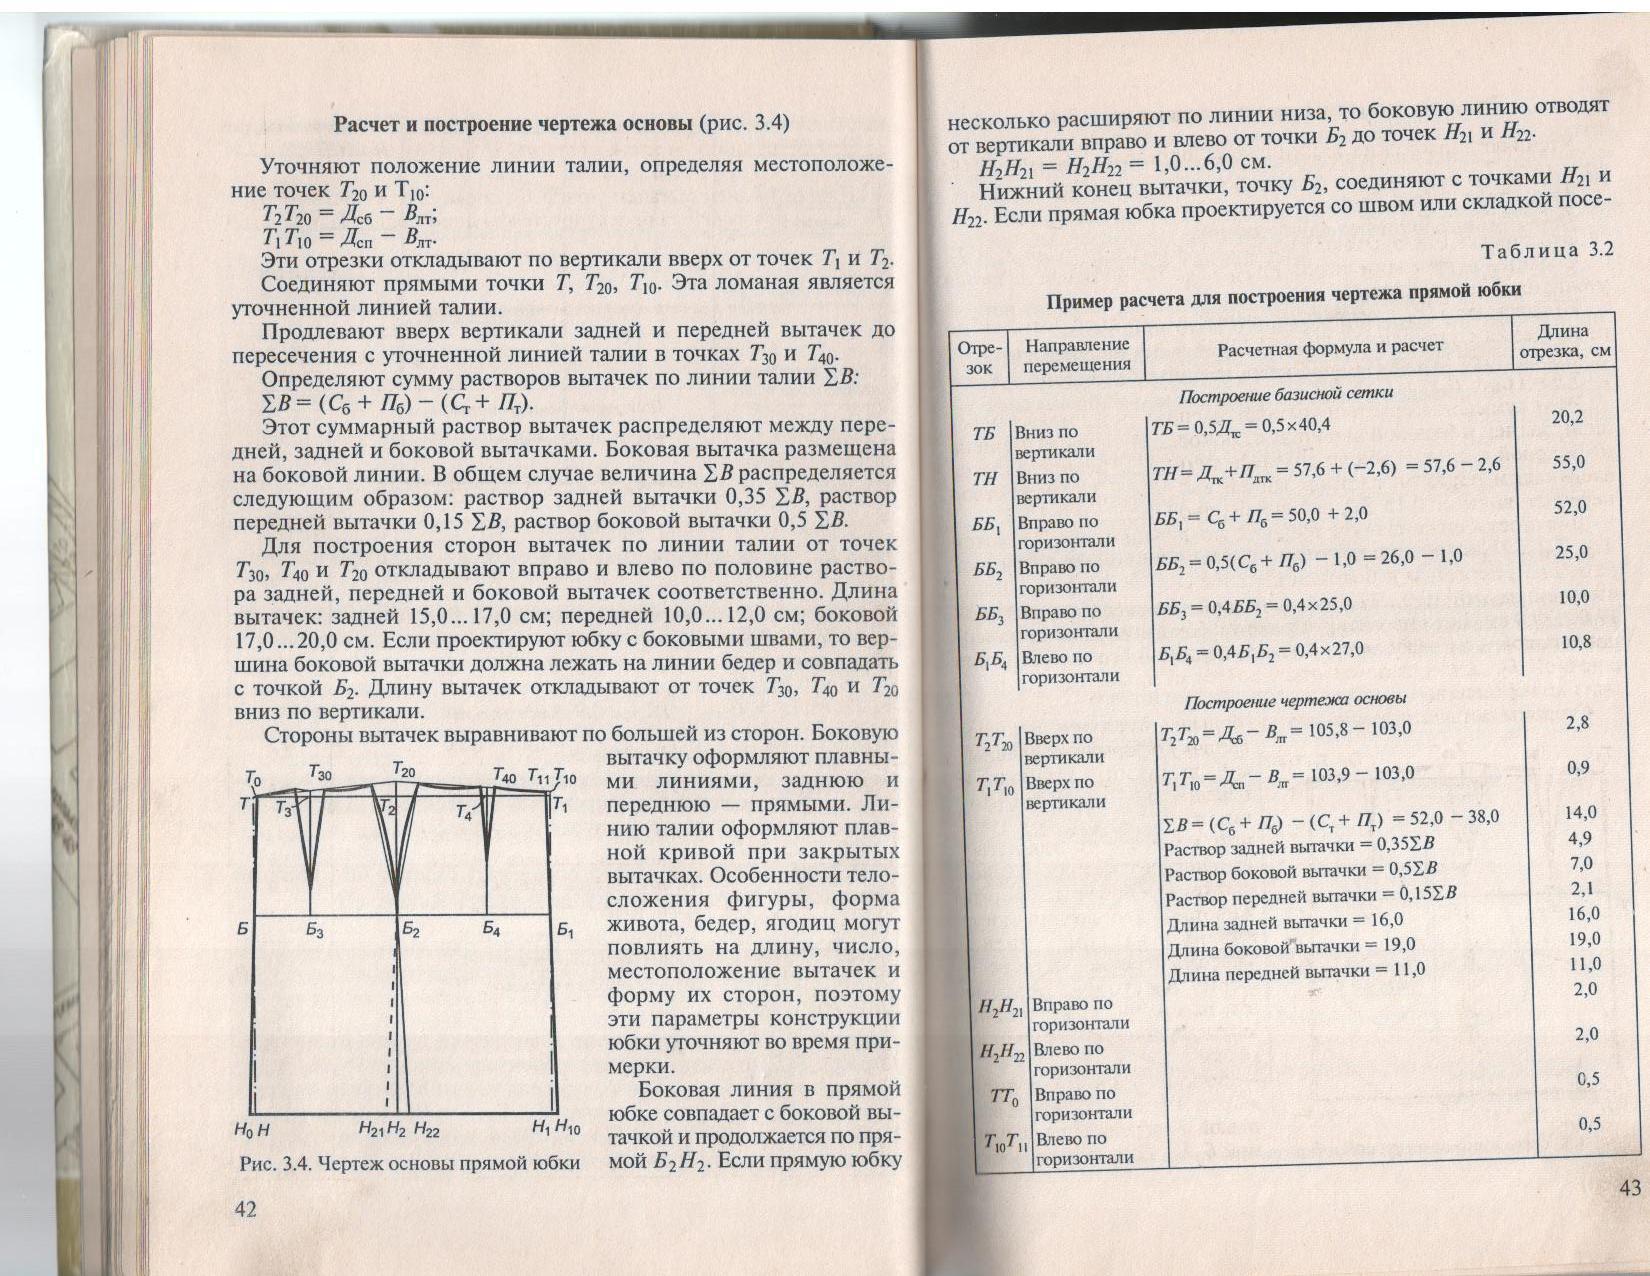 D:\Documents and Settings\Мастер\Мои документы\Мои рисунки\Изображение\Изображение 013.jpg